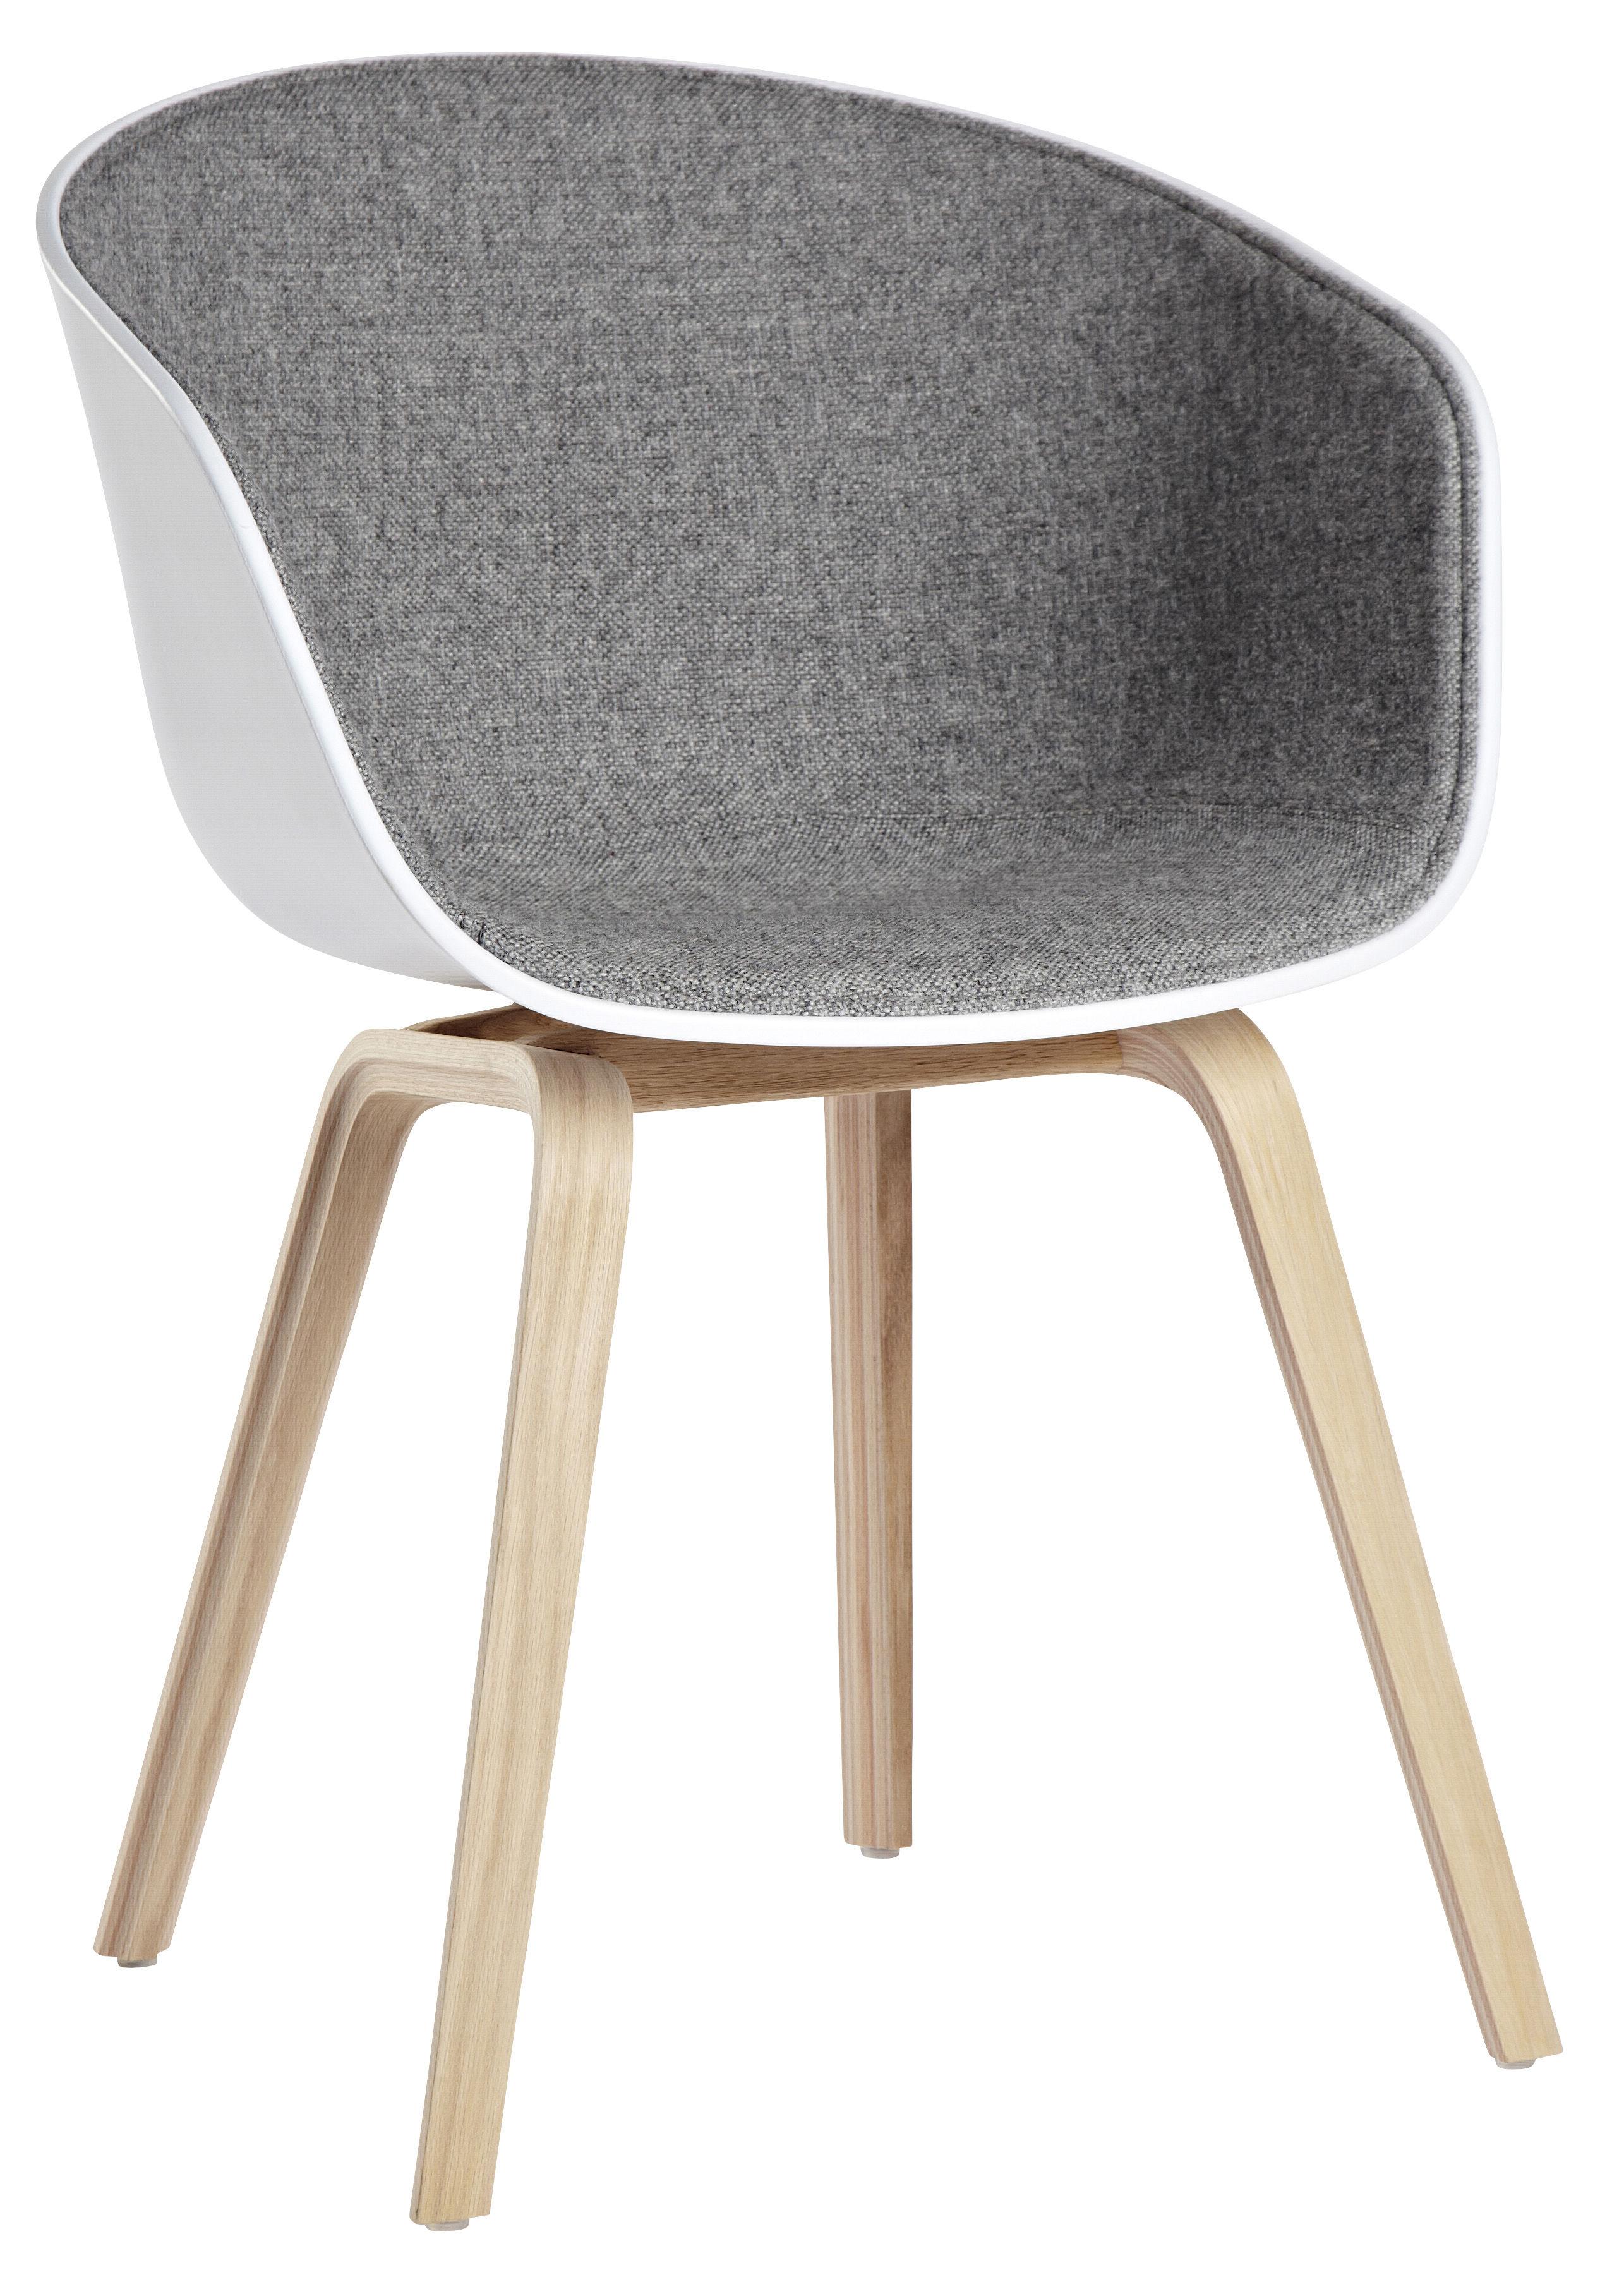 Fauteuil Rembourré About A Chair AAC Tissu Intérieur Pieds Bois - Fauteuil design bureau